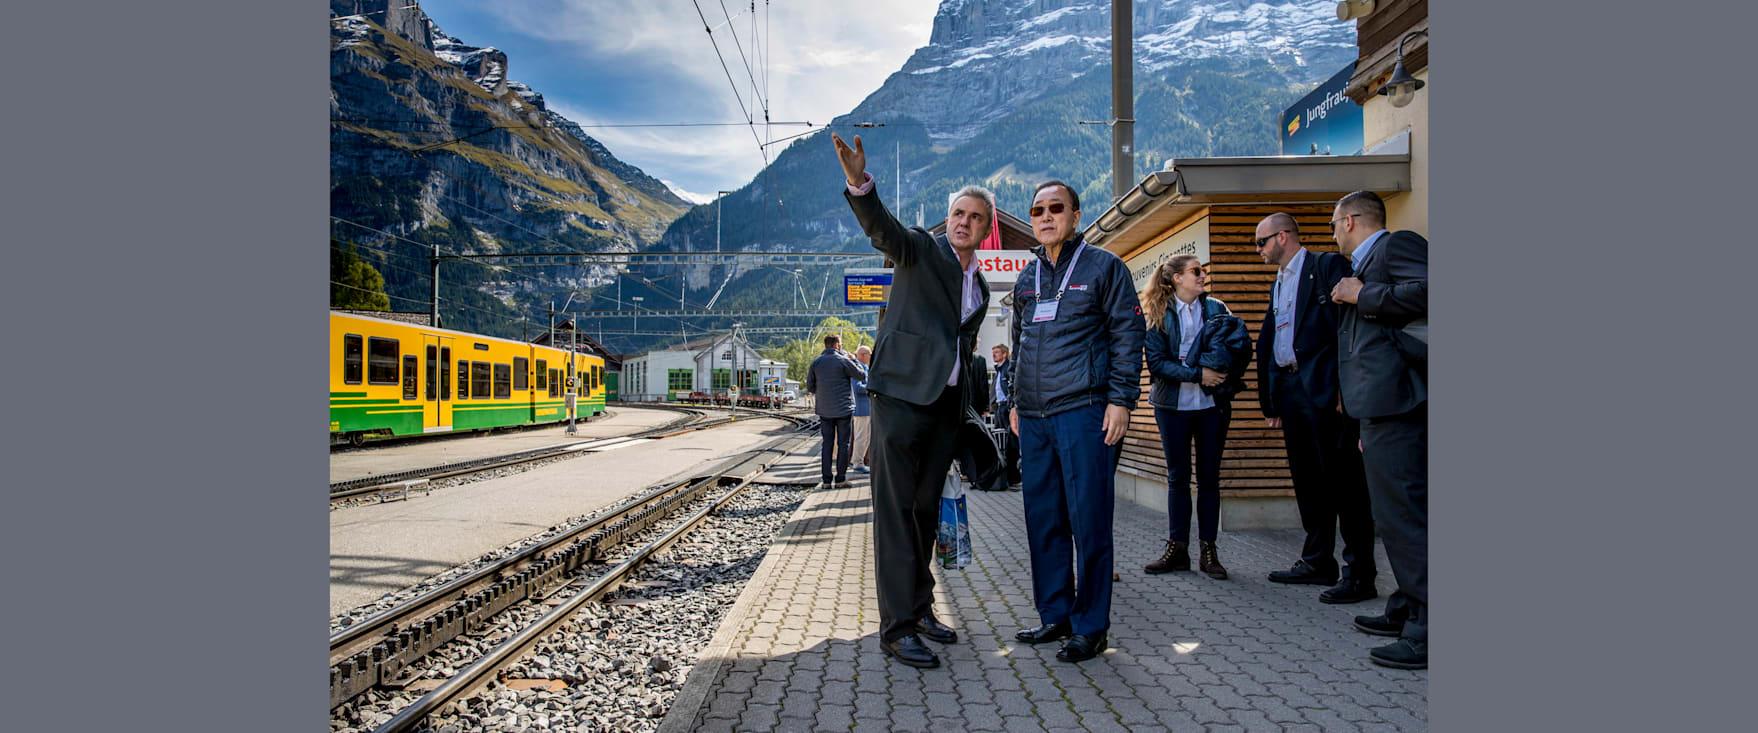 Urs Kessler mit Ban Ki moon in Grindelwald Grund